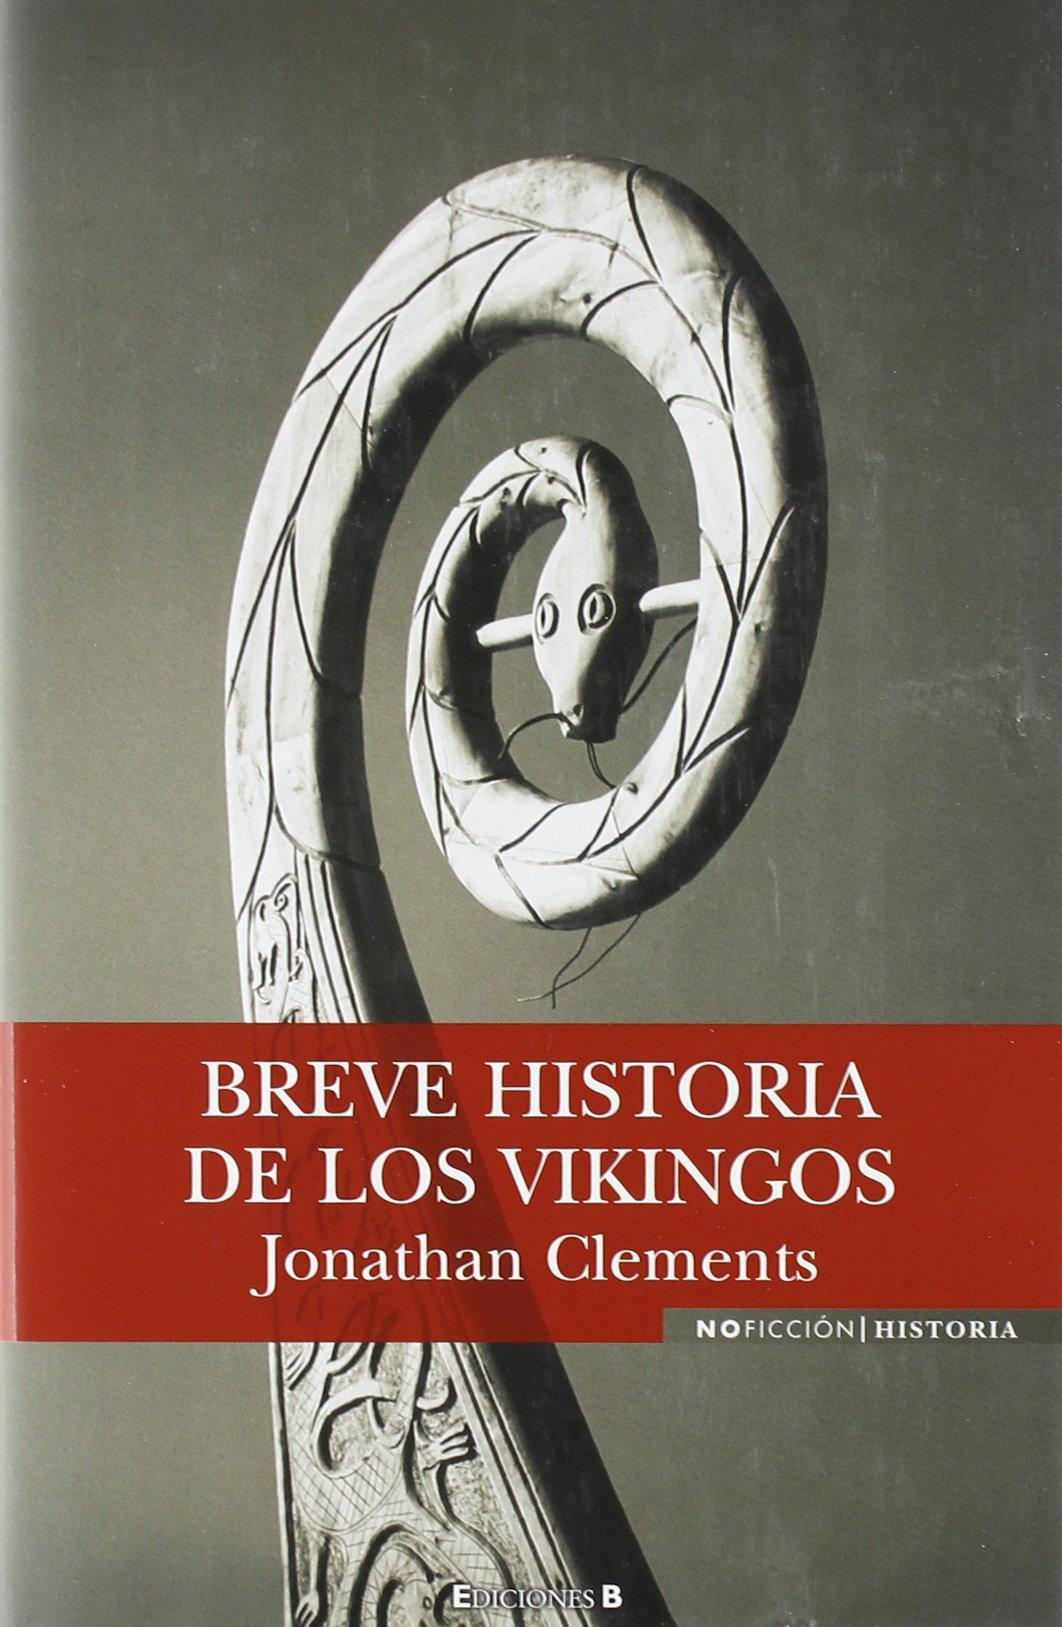 BREVE HISTORIA DE LOS VIKINGOS (NoFicción/Historia): Amazon.es: Clements, Jonathan, LENGUAJE CLARO CONSULTORA: Libros